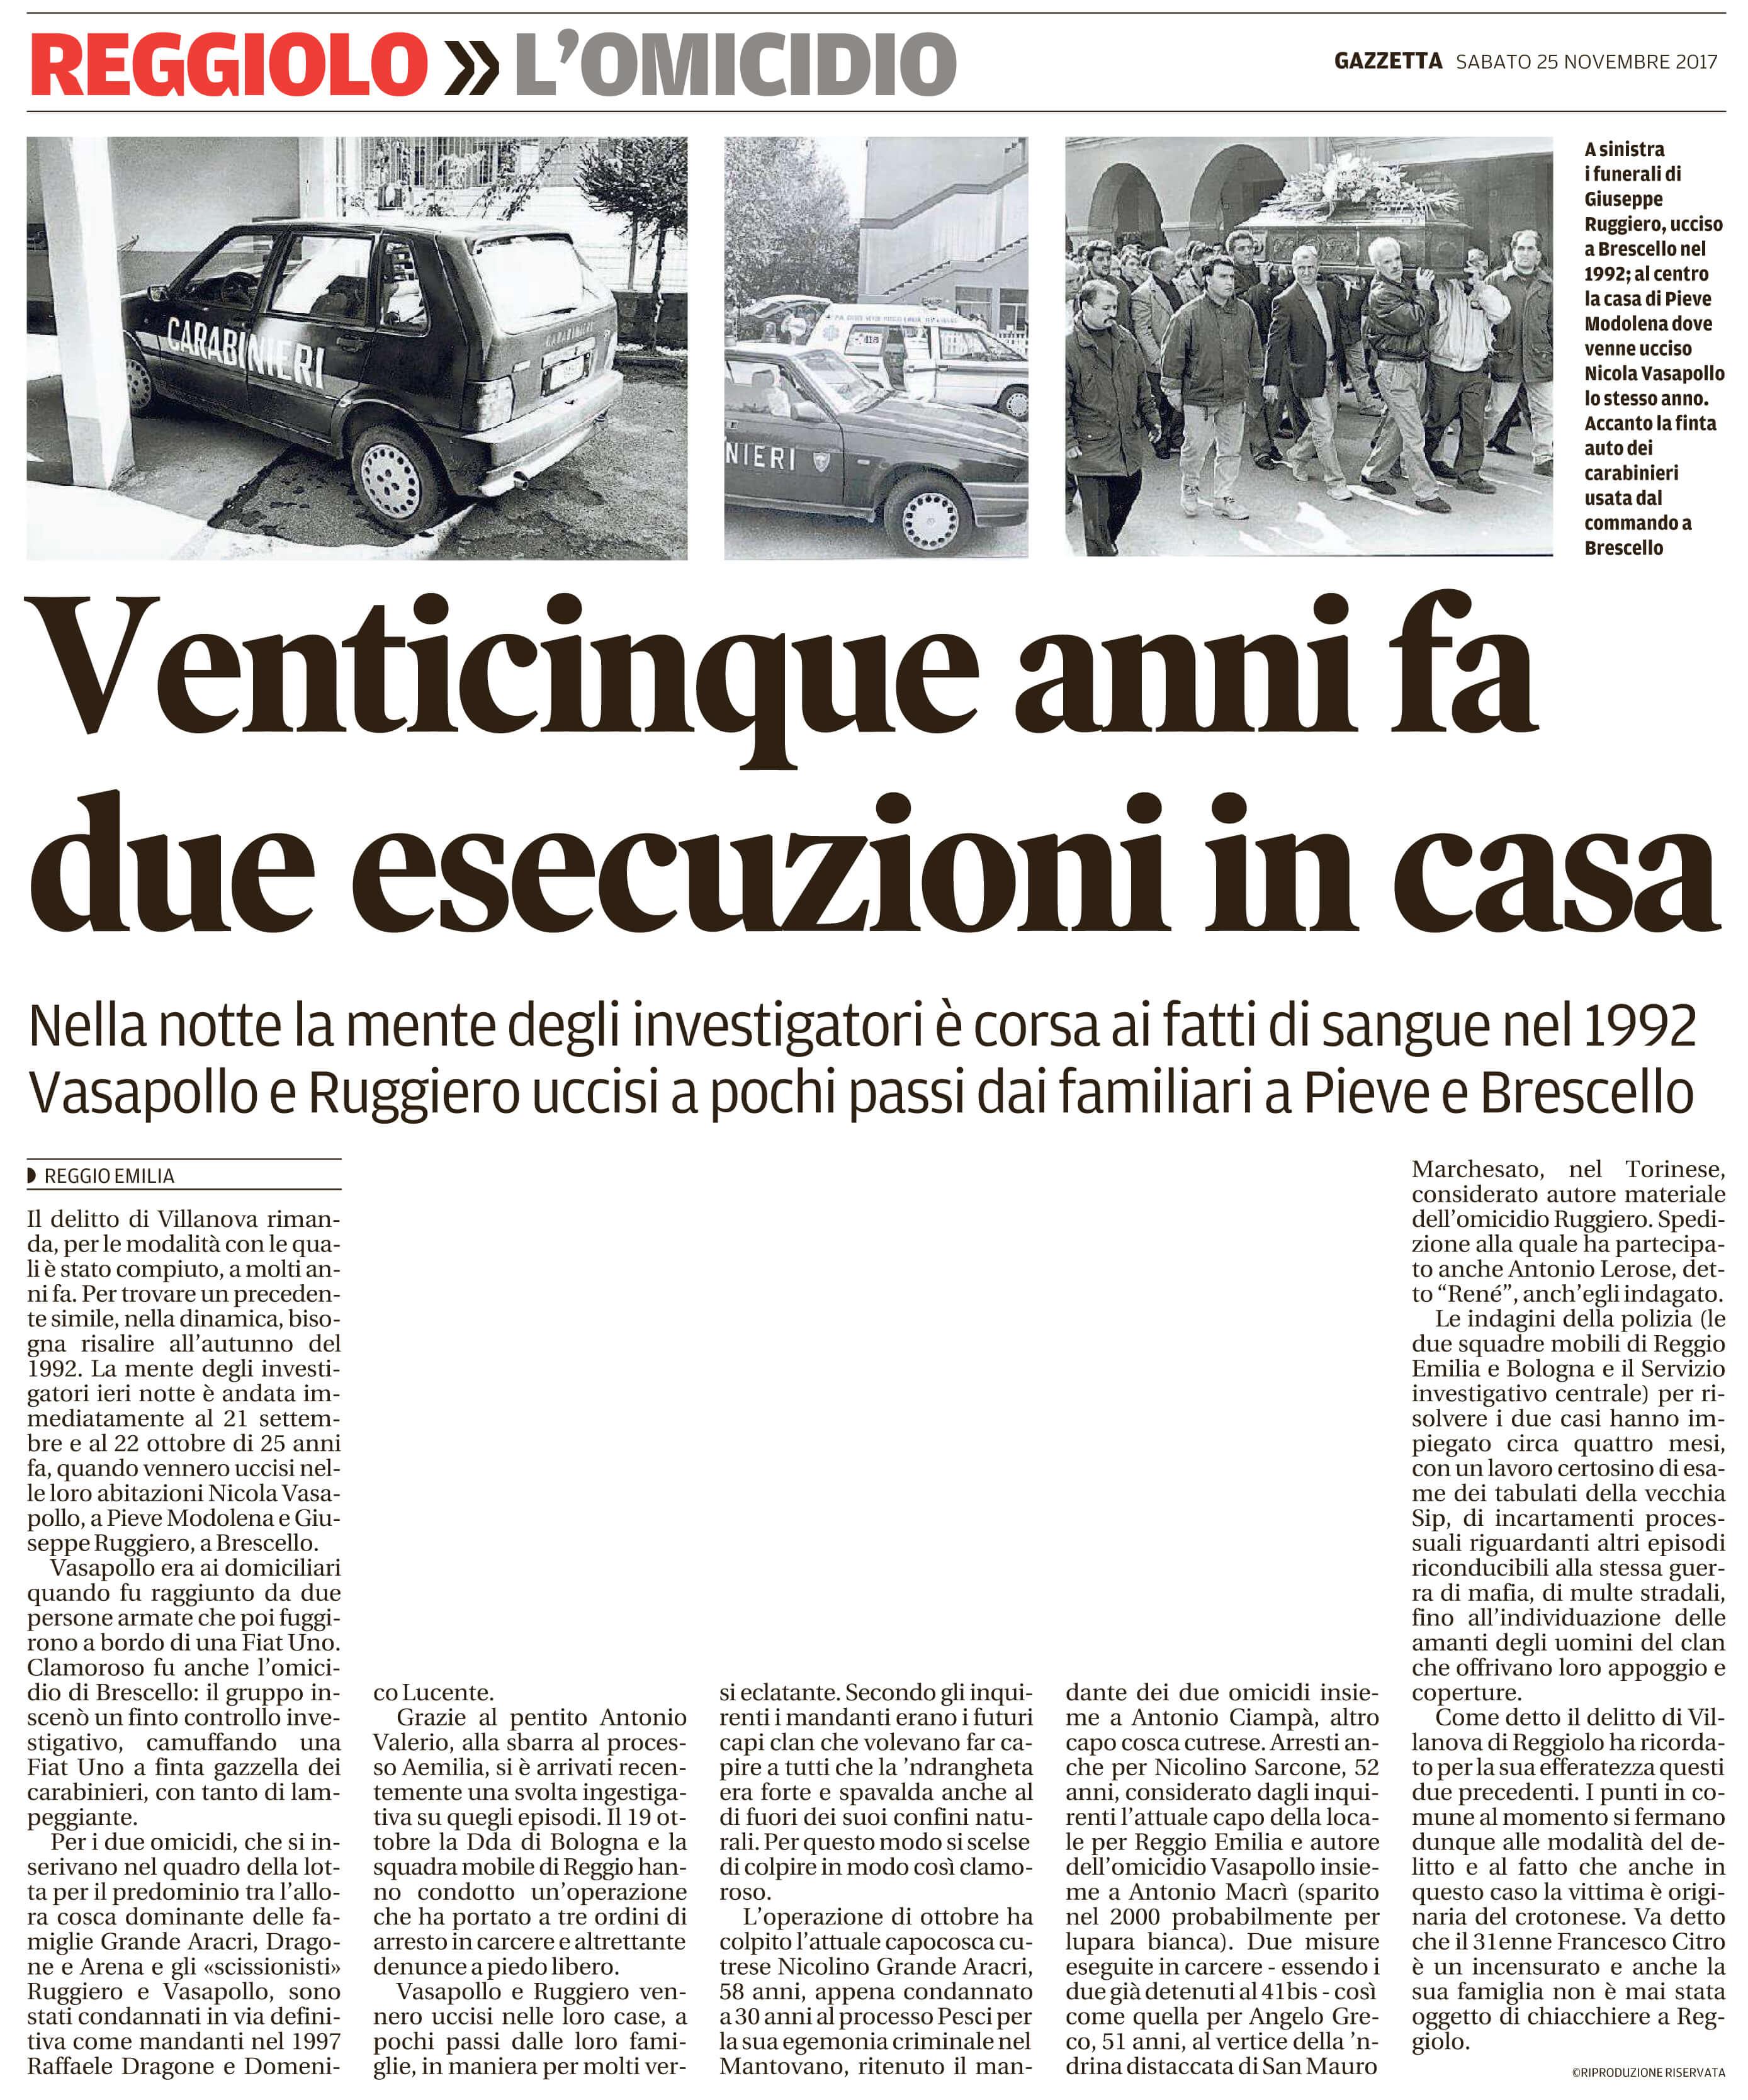 25 anni fa due esecuzioni in casa